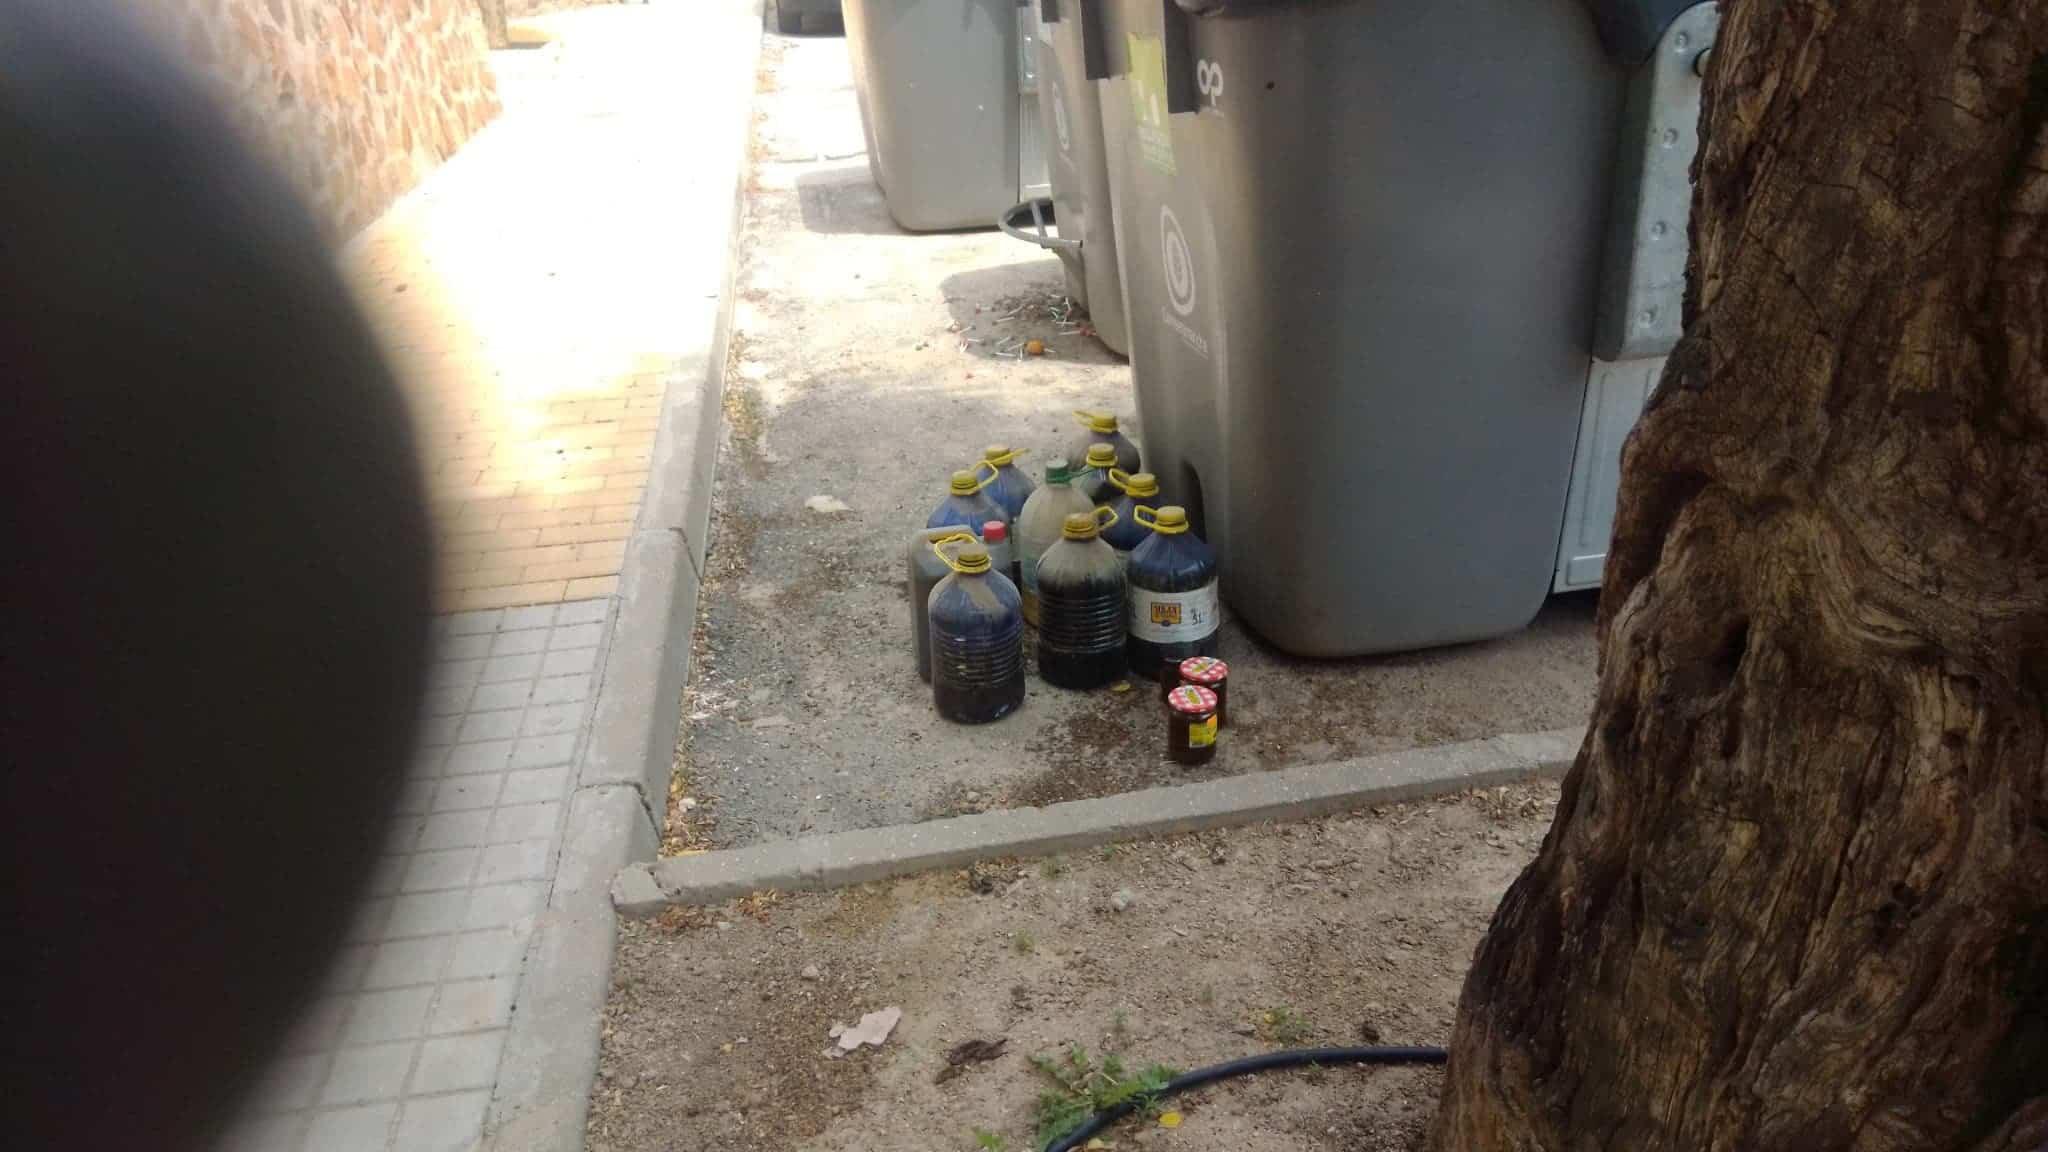 basura desescalada herencia - Las desescalada no debe ser una excusa para NO Cuidar Herencia